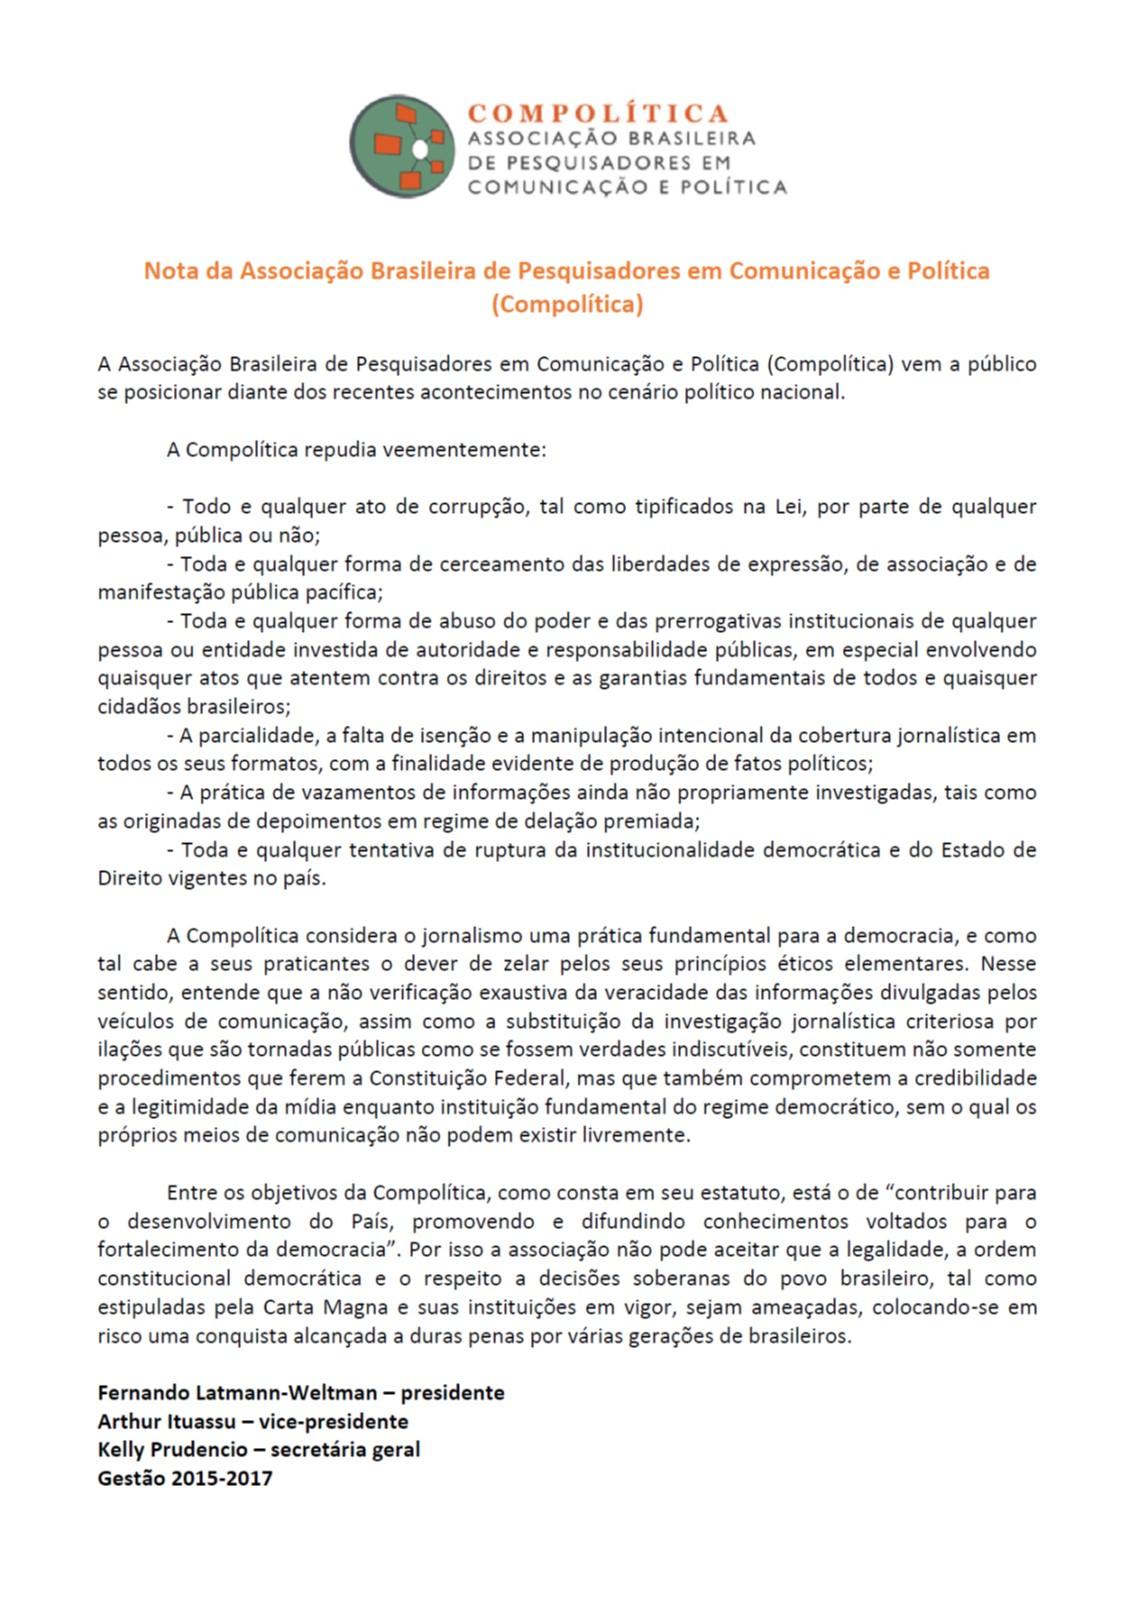 nota_compolitica23